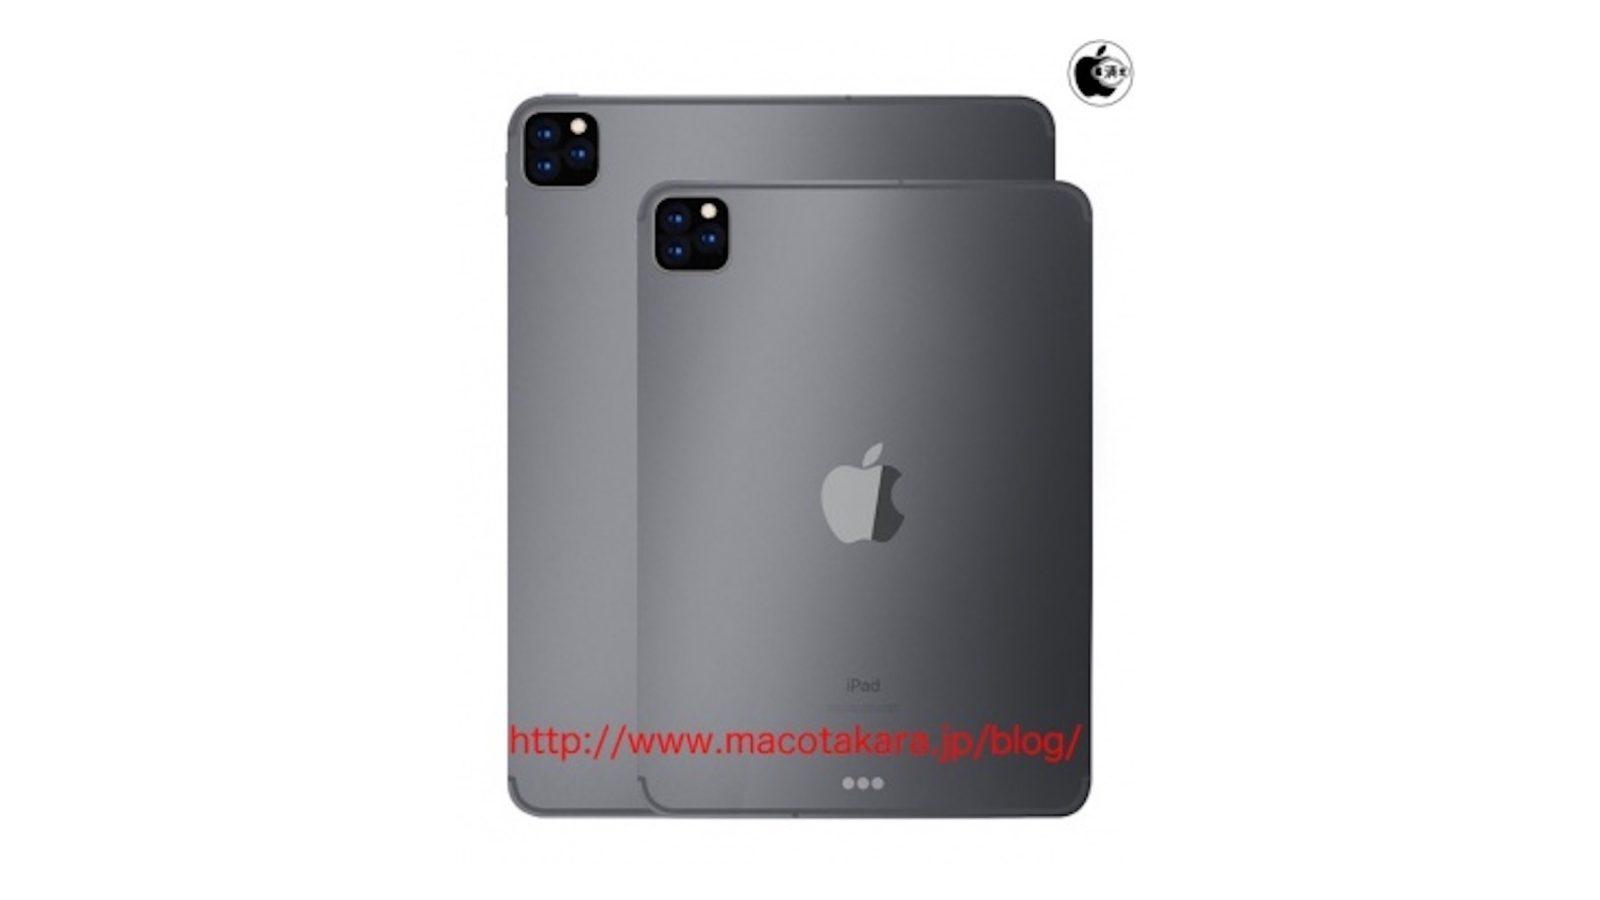 iPad Pro 3 cameras leaks 1